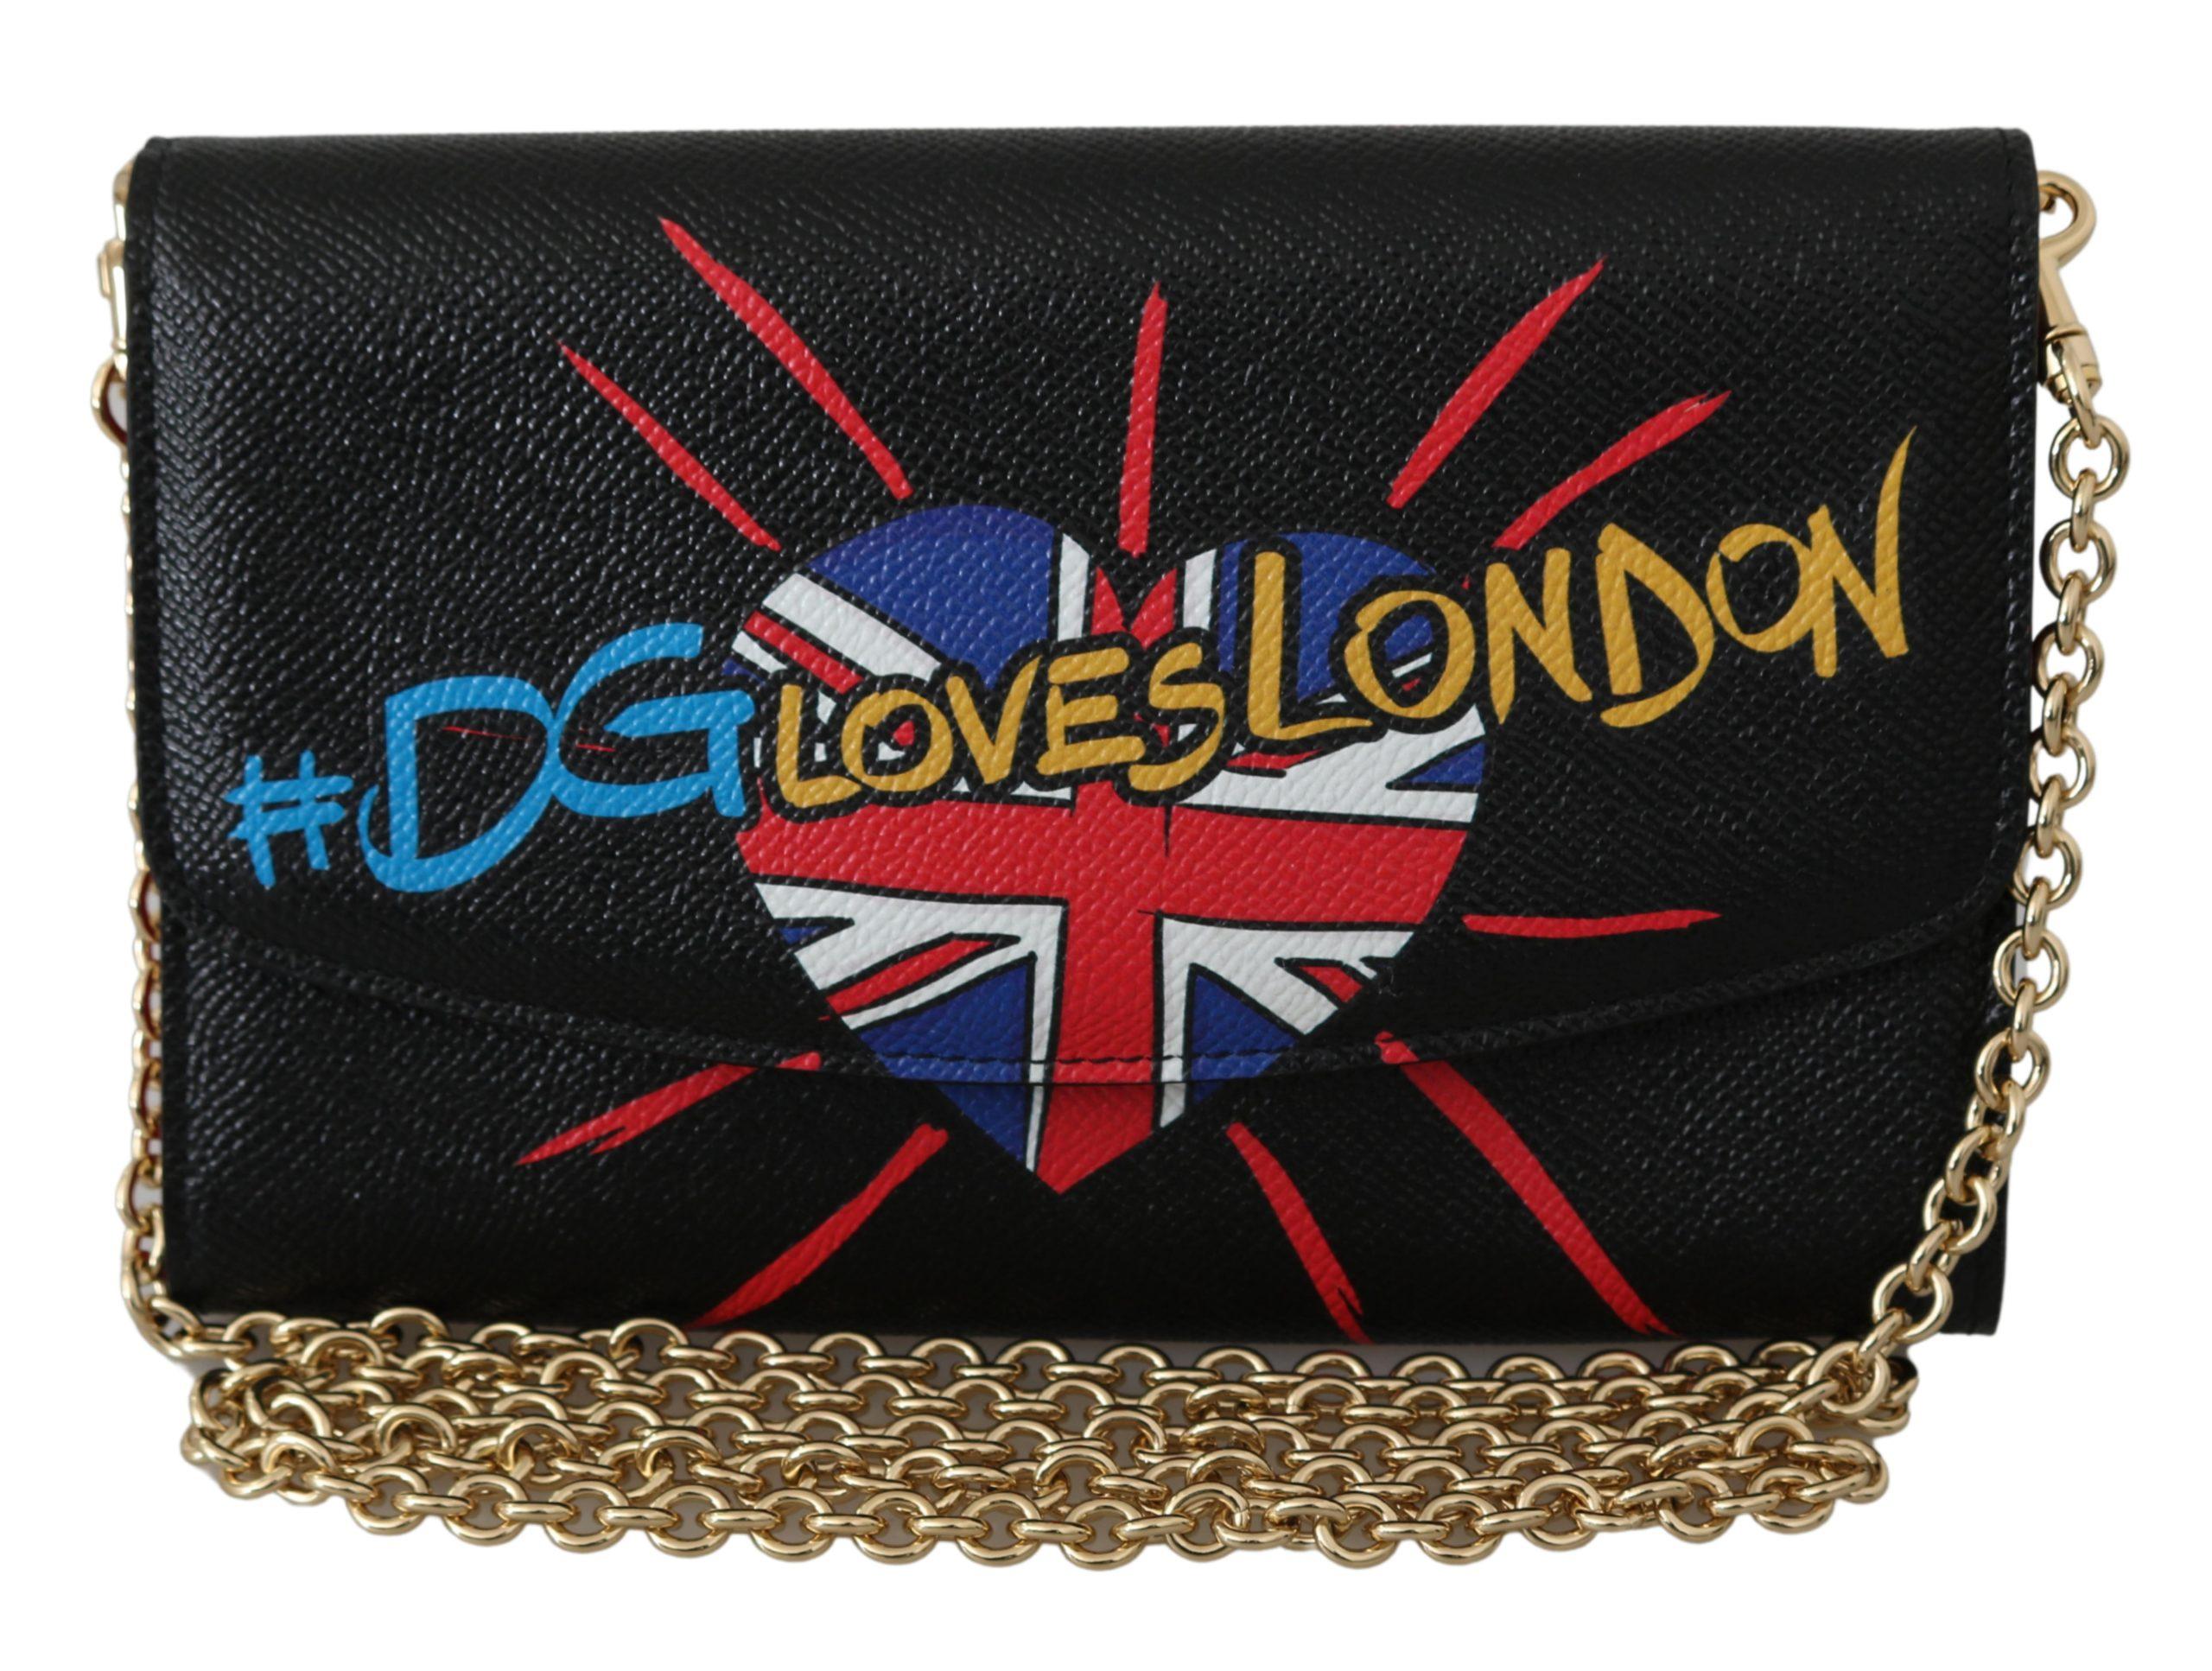 Dolce & Gabbana Women's Leather Shoulder Bag Black VAS9568